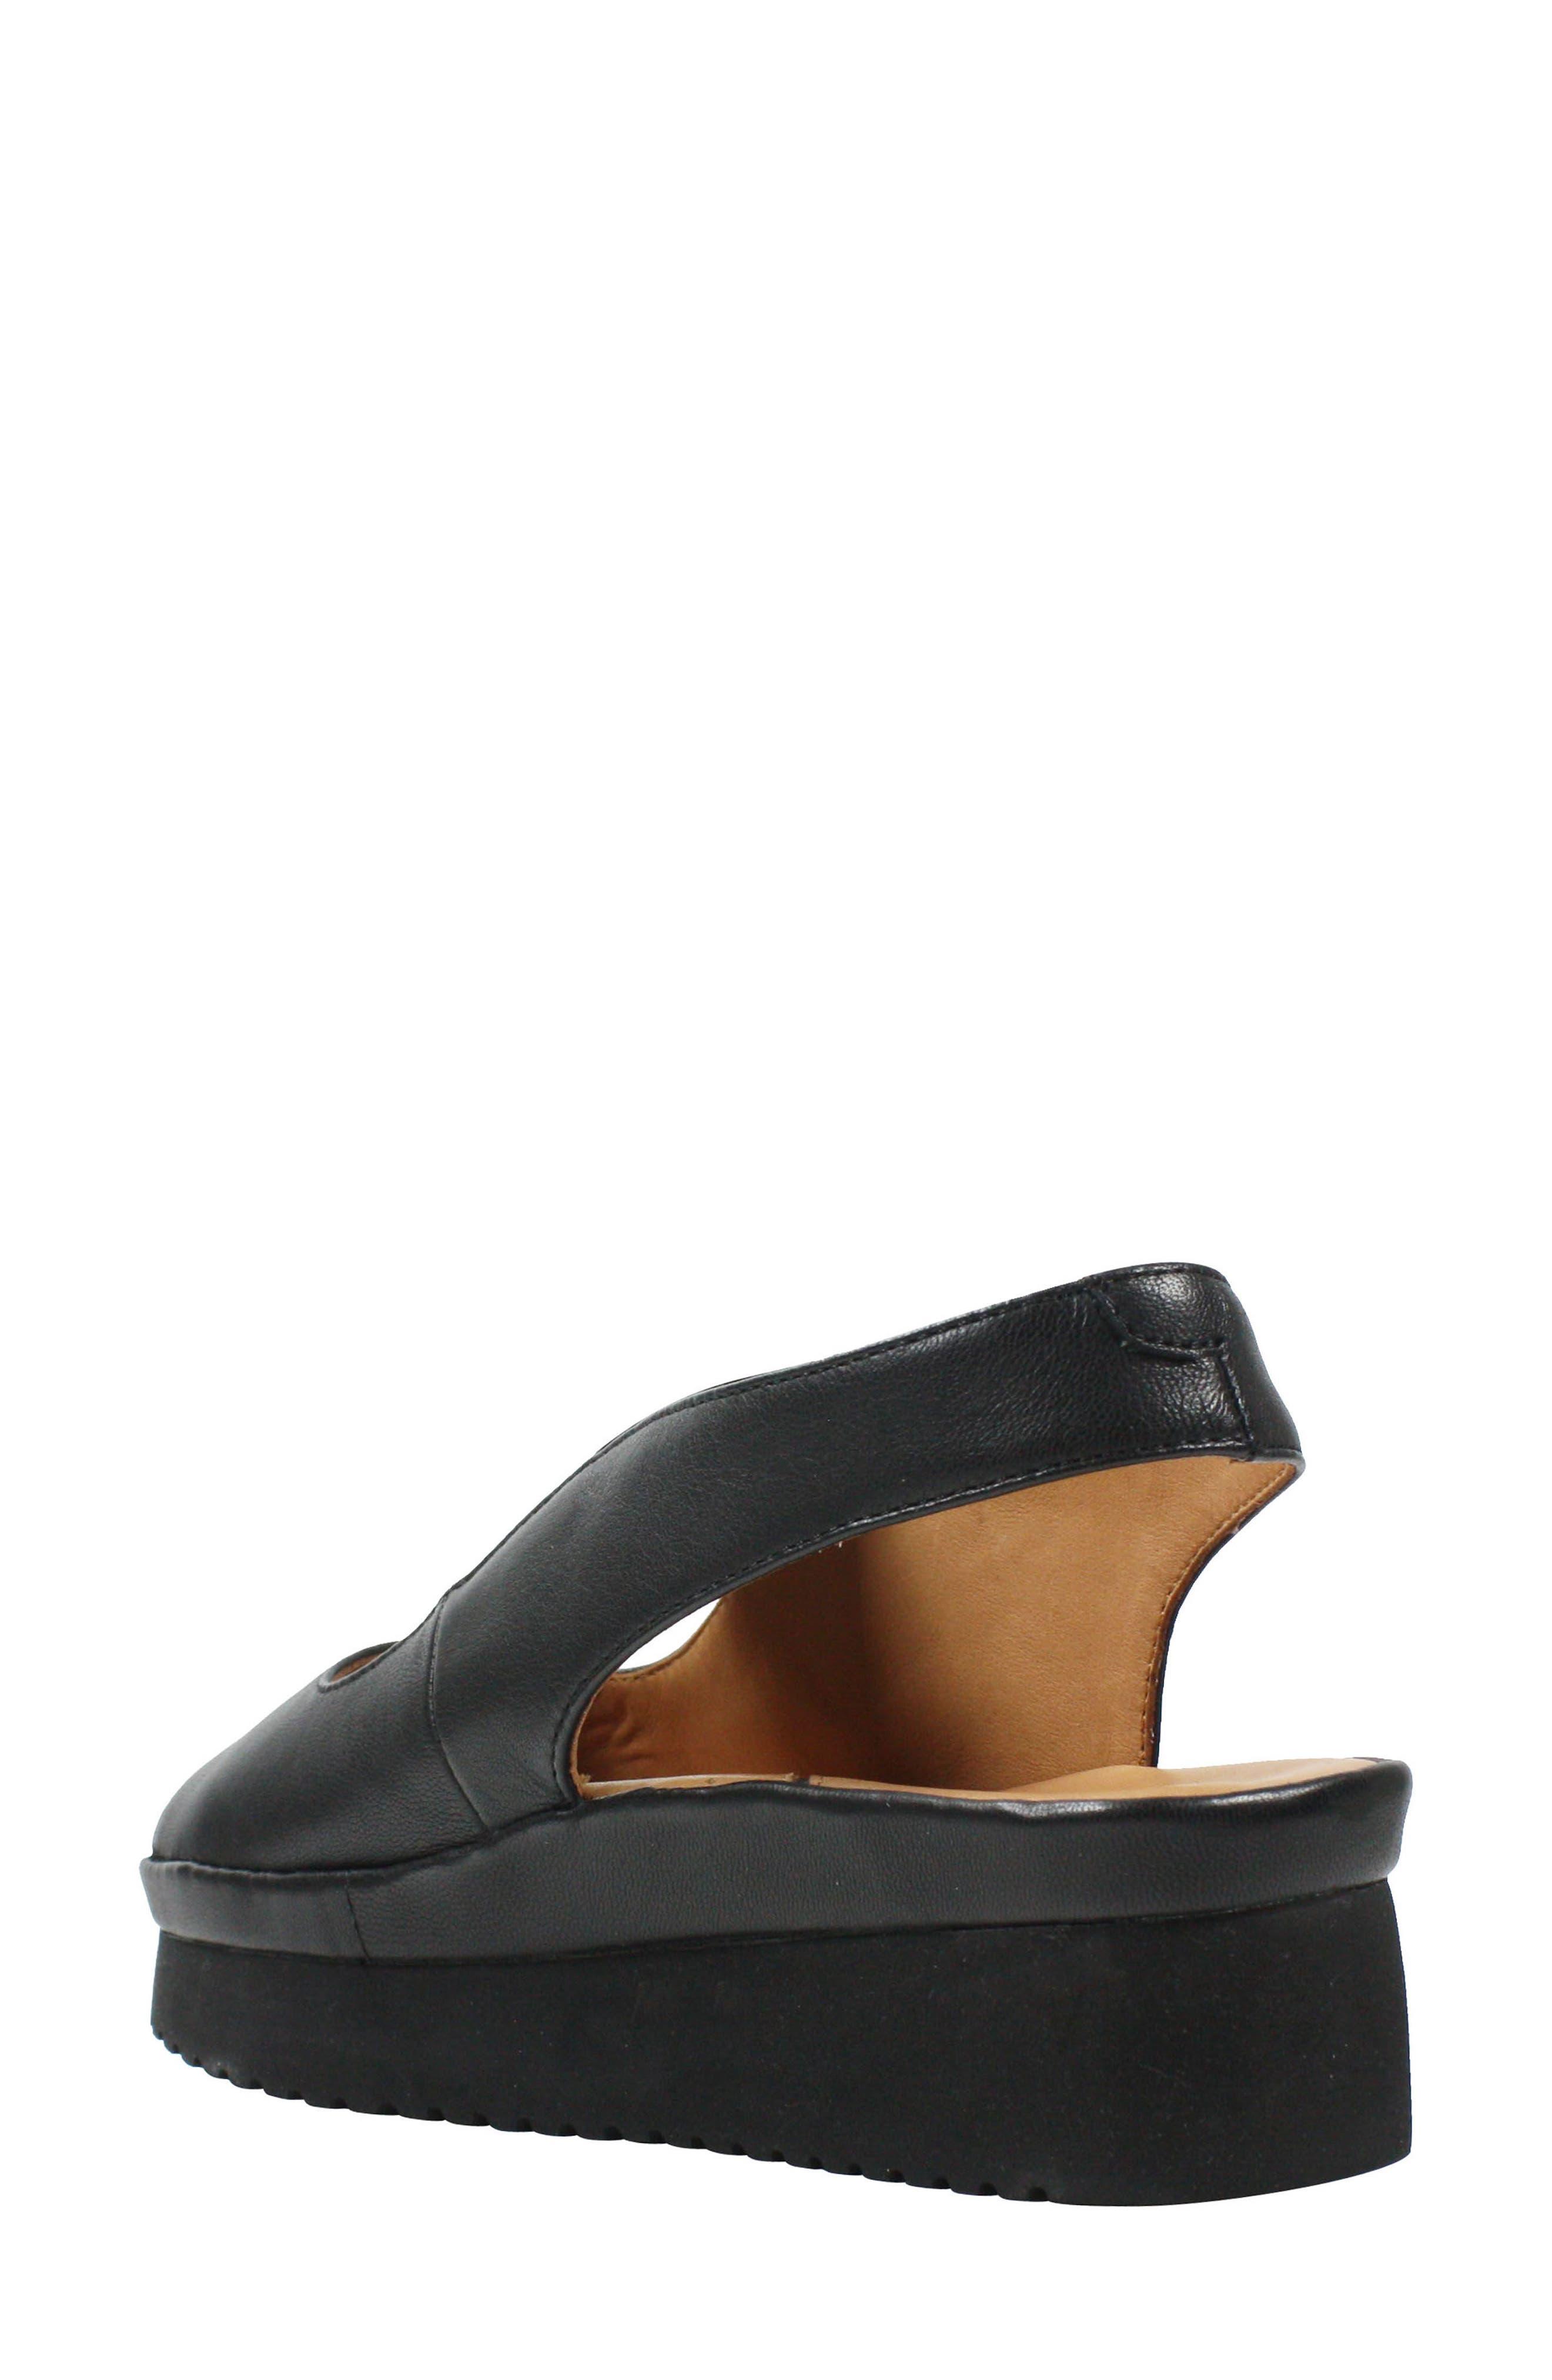 L'AMOUR DES PIEDS, Adalicia Platform Sandal, Alternate thumbnail 2, color, BLACK LEATHER